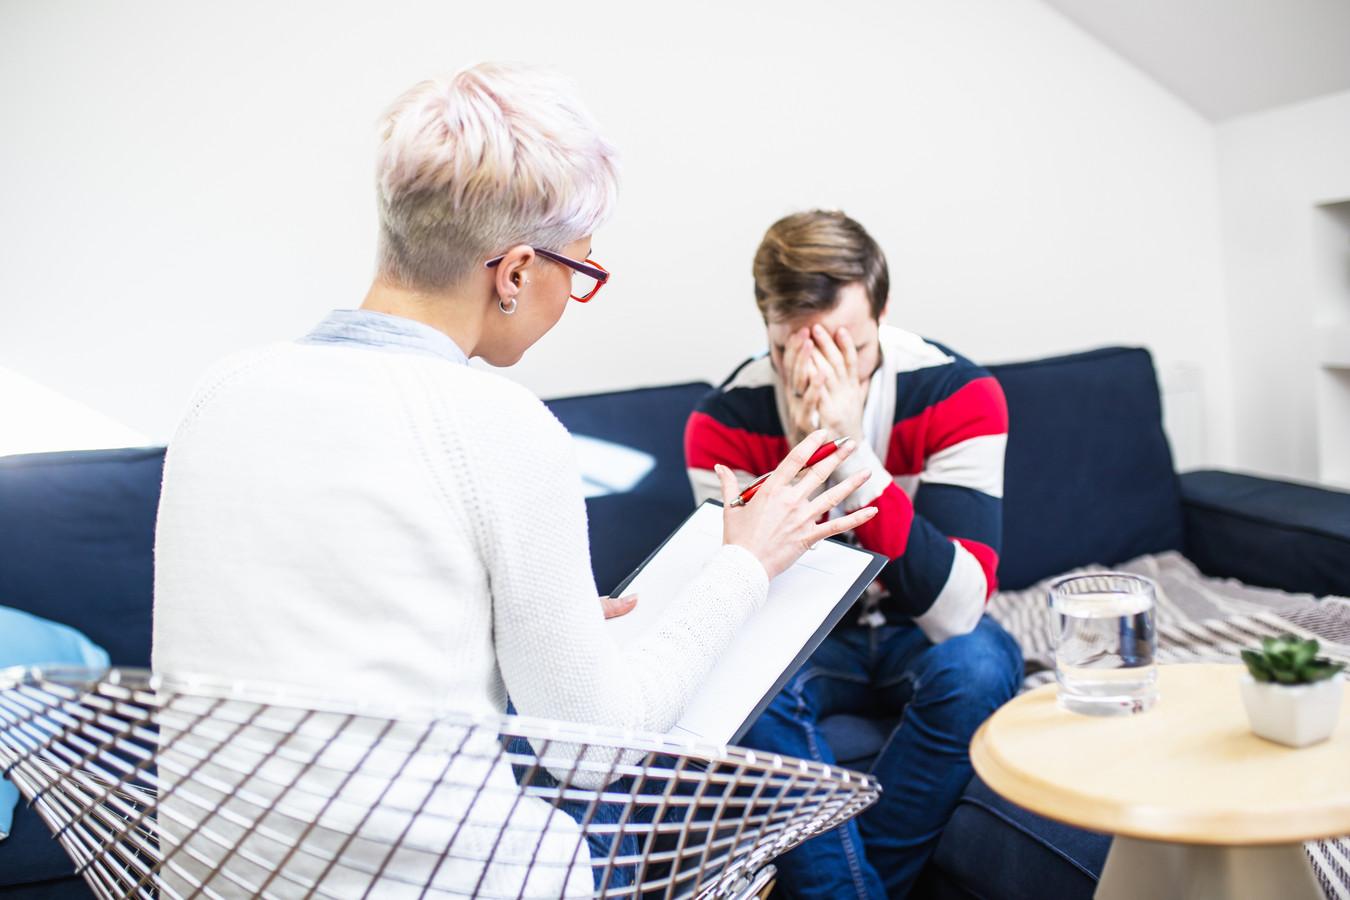 Veel jongeren ontwikkelen volgens RIVM-cijfers in hoog tempo psychische klachten.